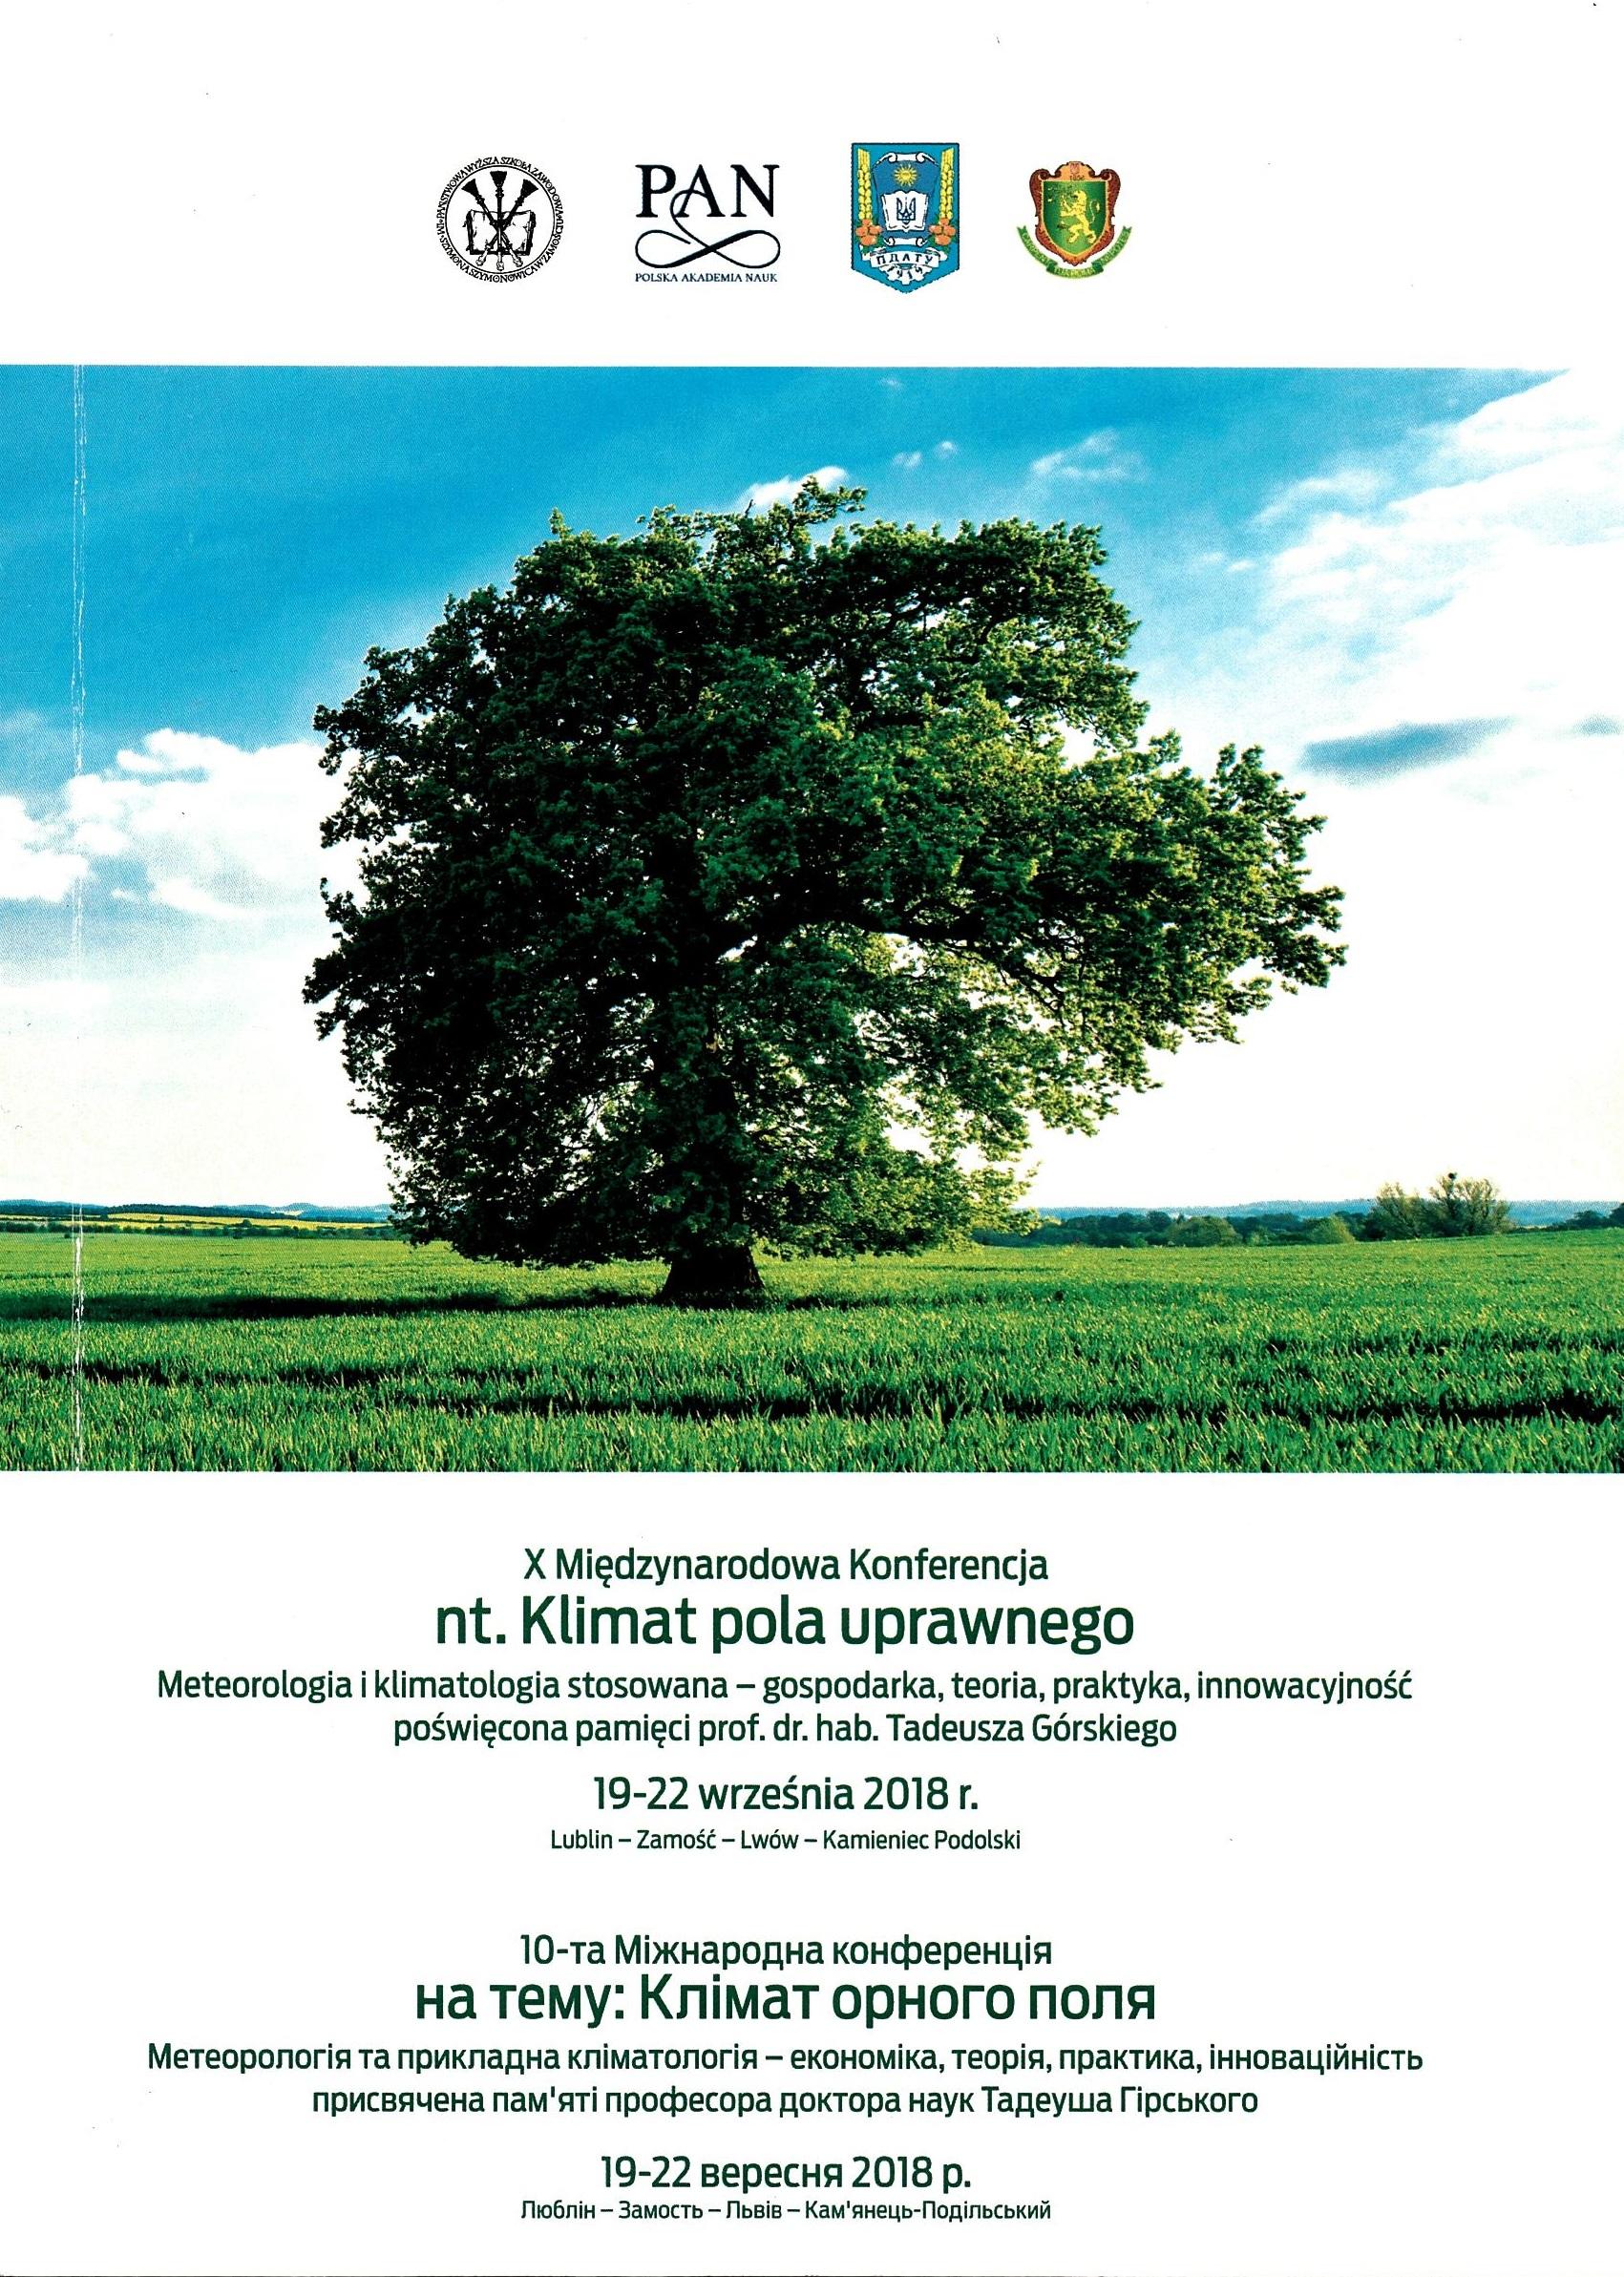 22 października 2021 – XI Konferencja międzynarodowa: Klimat pola uprawnego: Susze atmosferyczne i glebowe w dobie globalnych zmian klimatu – znaczenie w kształtowaniu środowiska pola uprawnego